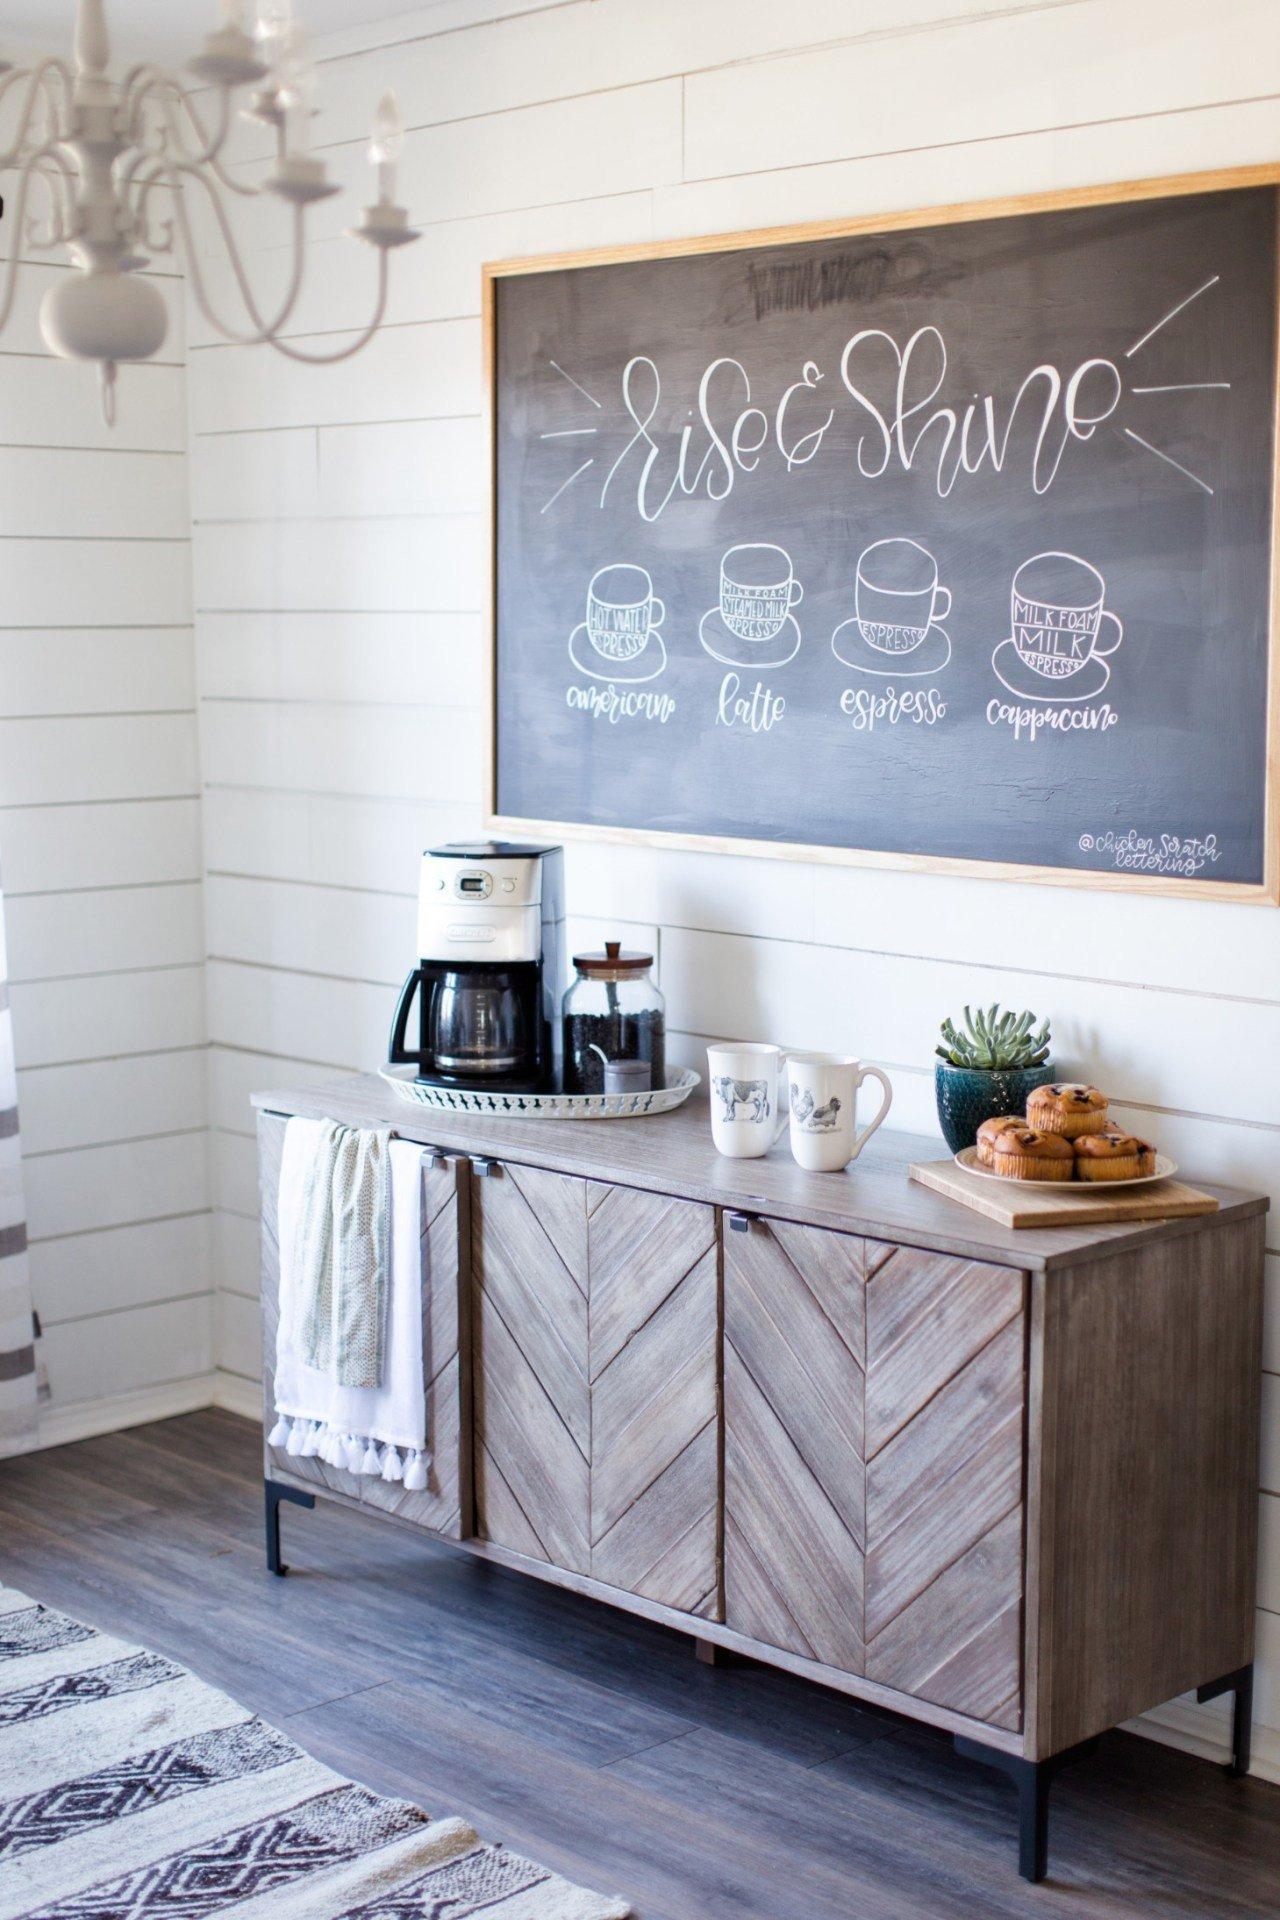 DIY-Farmhouse-Coffee-Bar-16.jpg